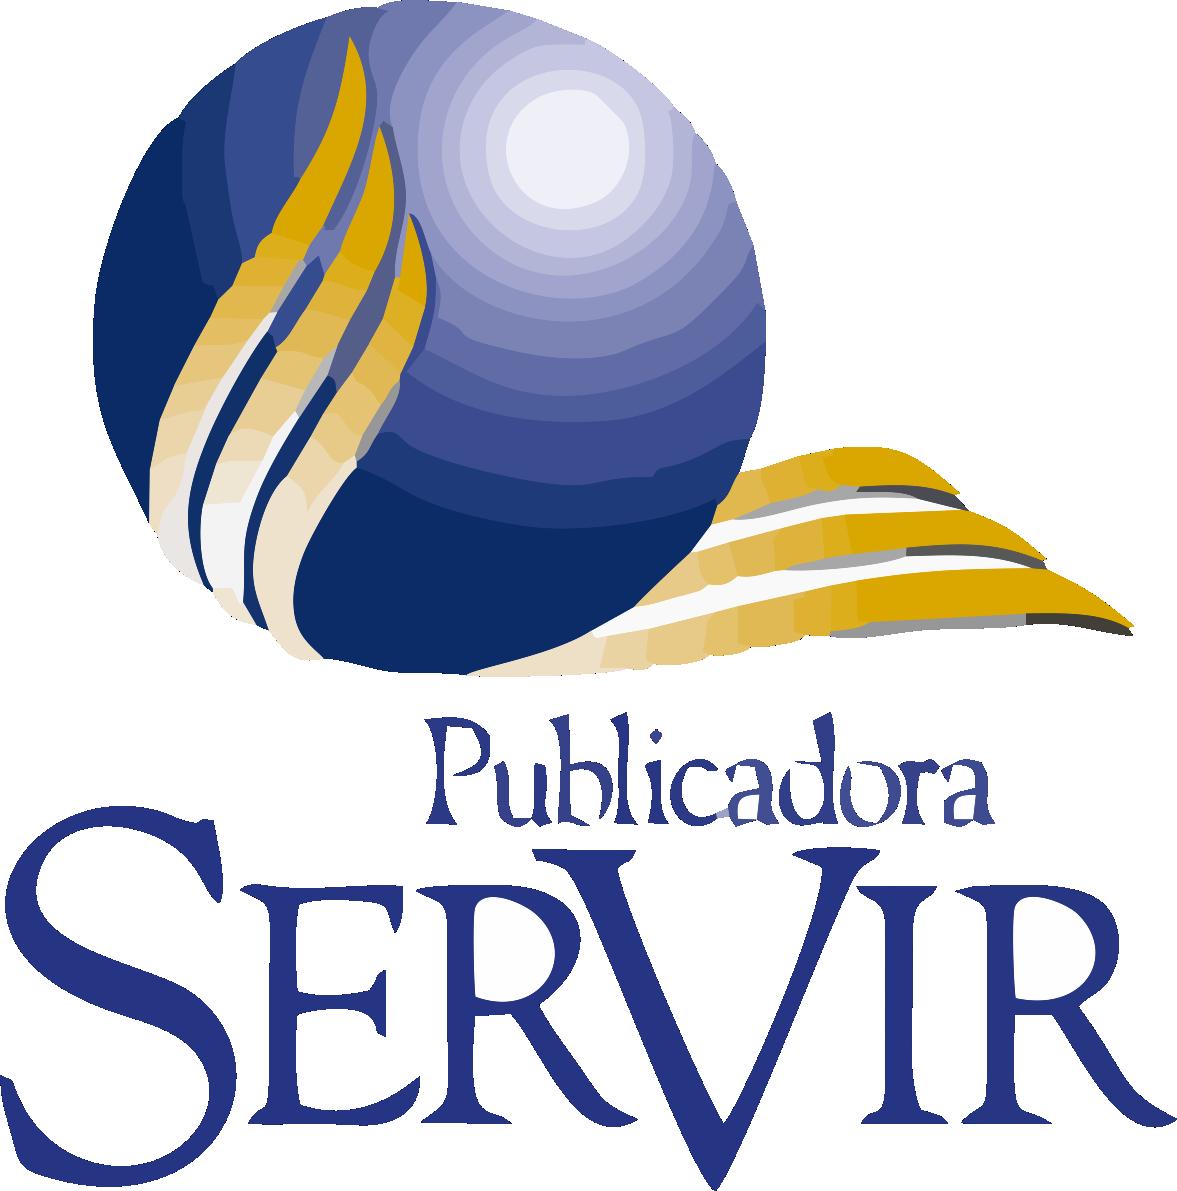 publicadora servir vetor.png